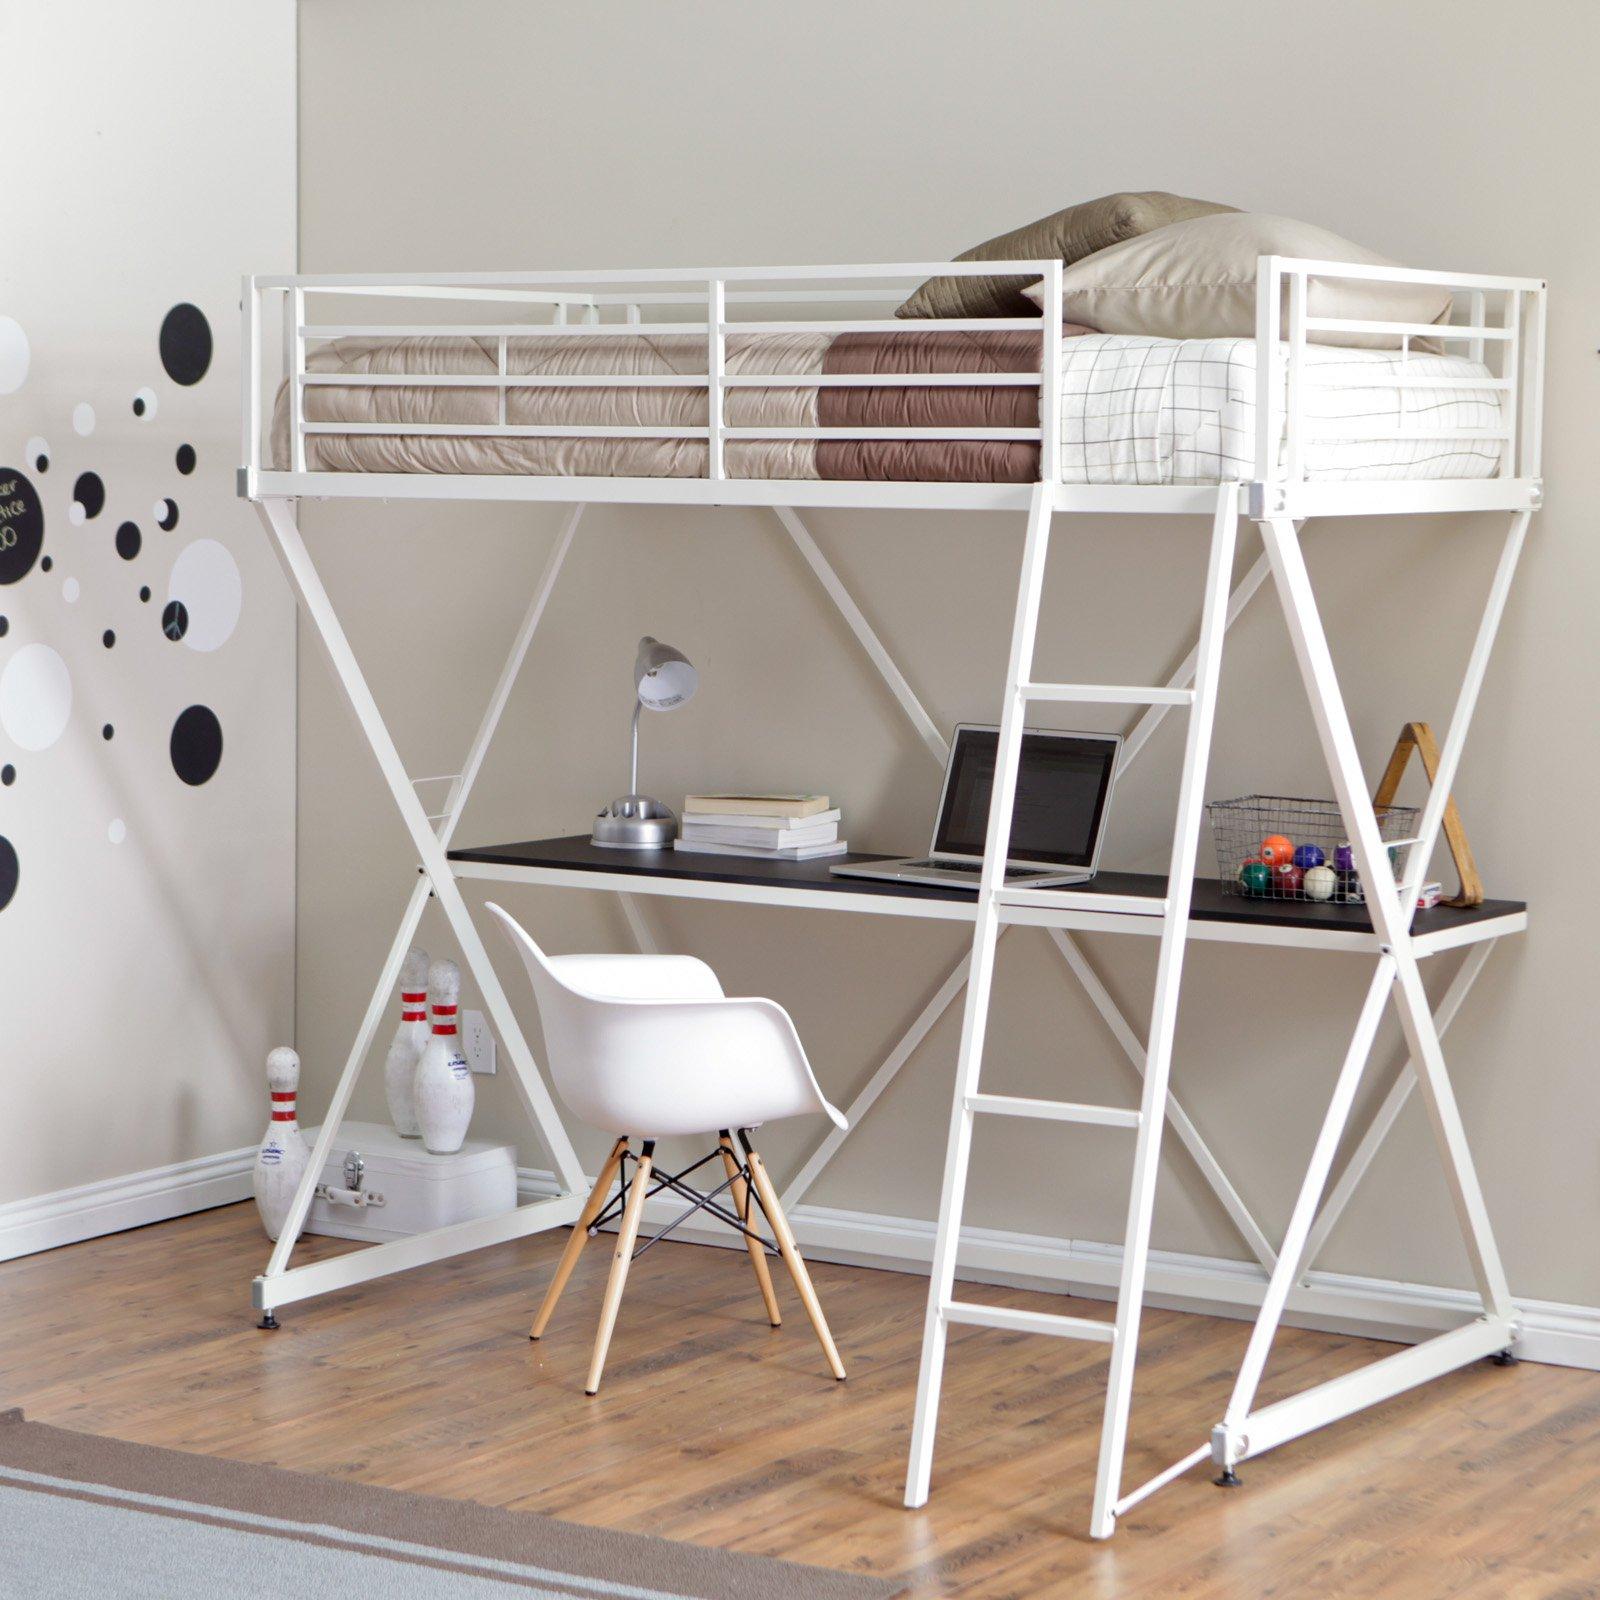 Duro Z Bunk Bed Loft With Desk White Non Kd Walmart Com